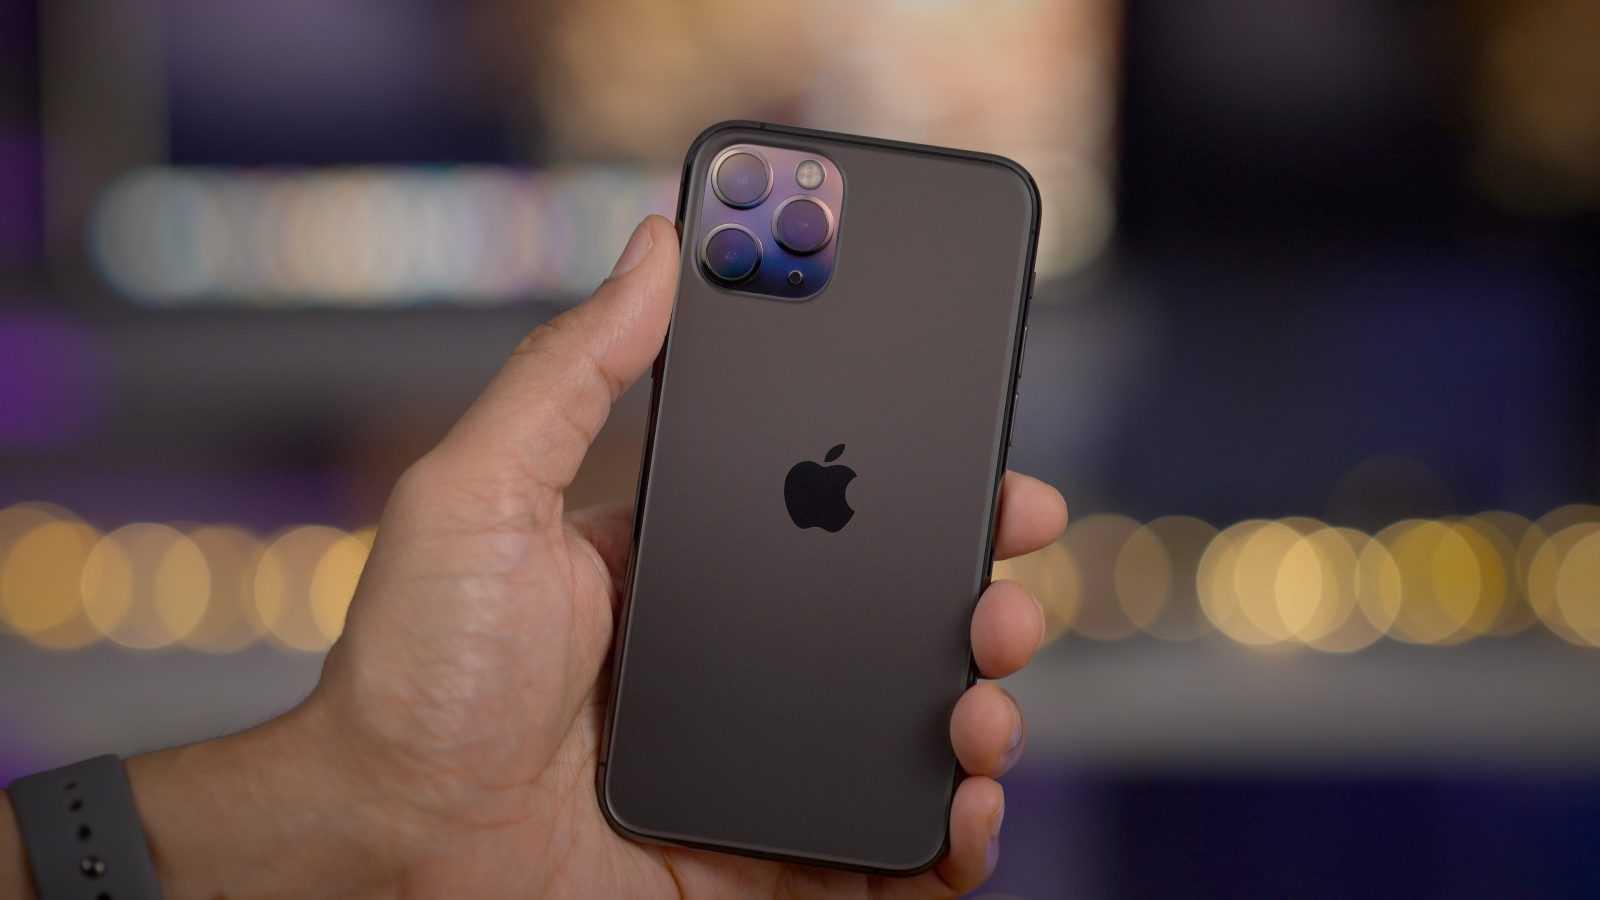 Iphone и «умная» колонка: чего мы так и не увидели на презентации apple